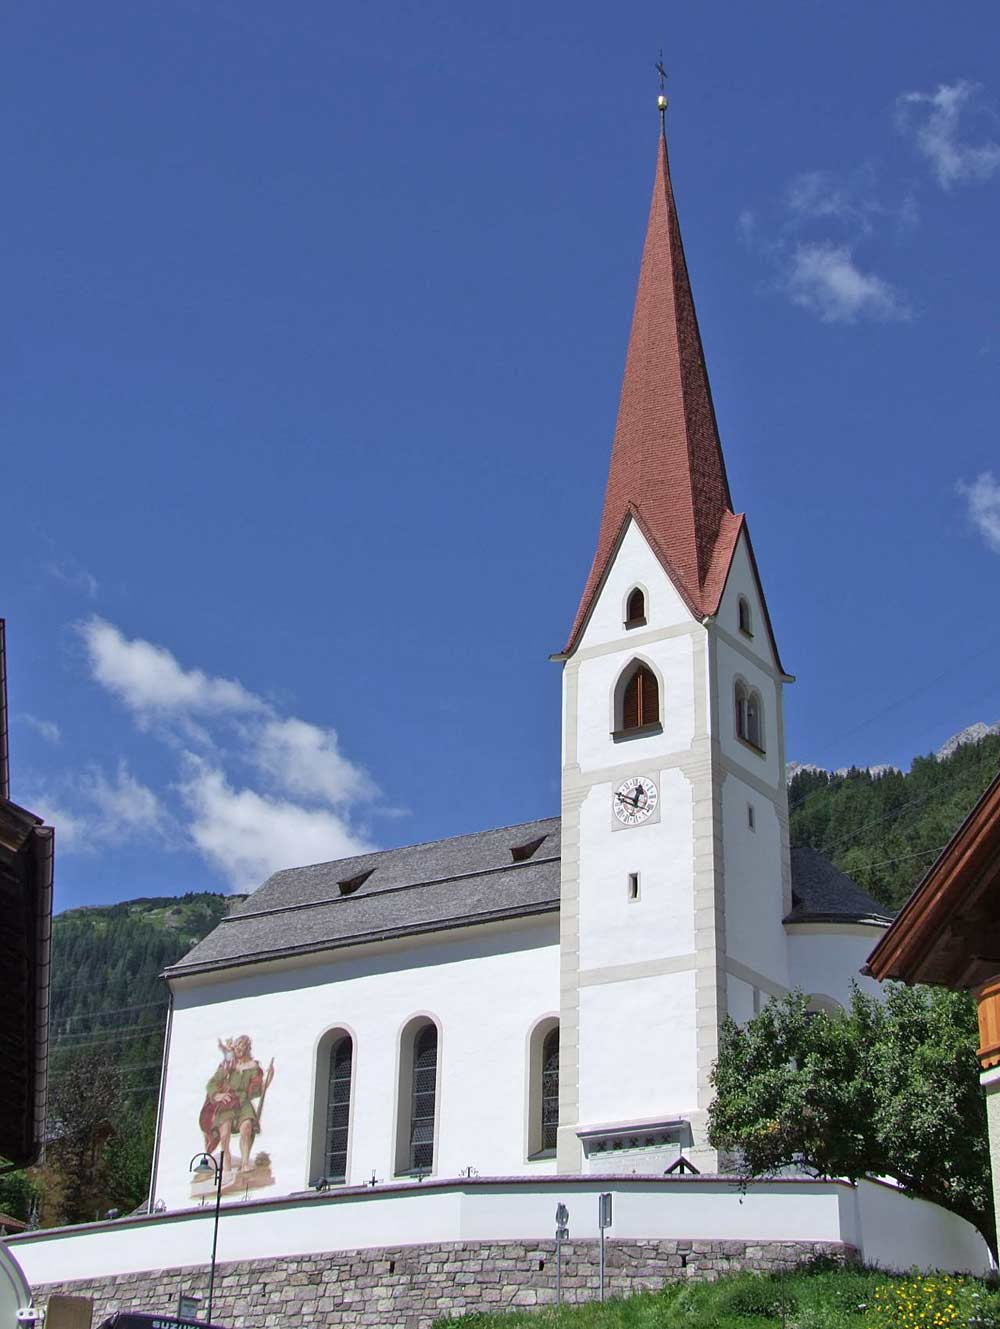 Katholische Pfarrkirche Heiliger Jakobus der Ältere in St. Anton am Arlberg